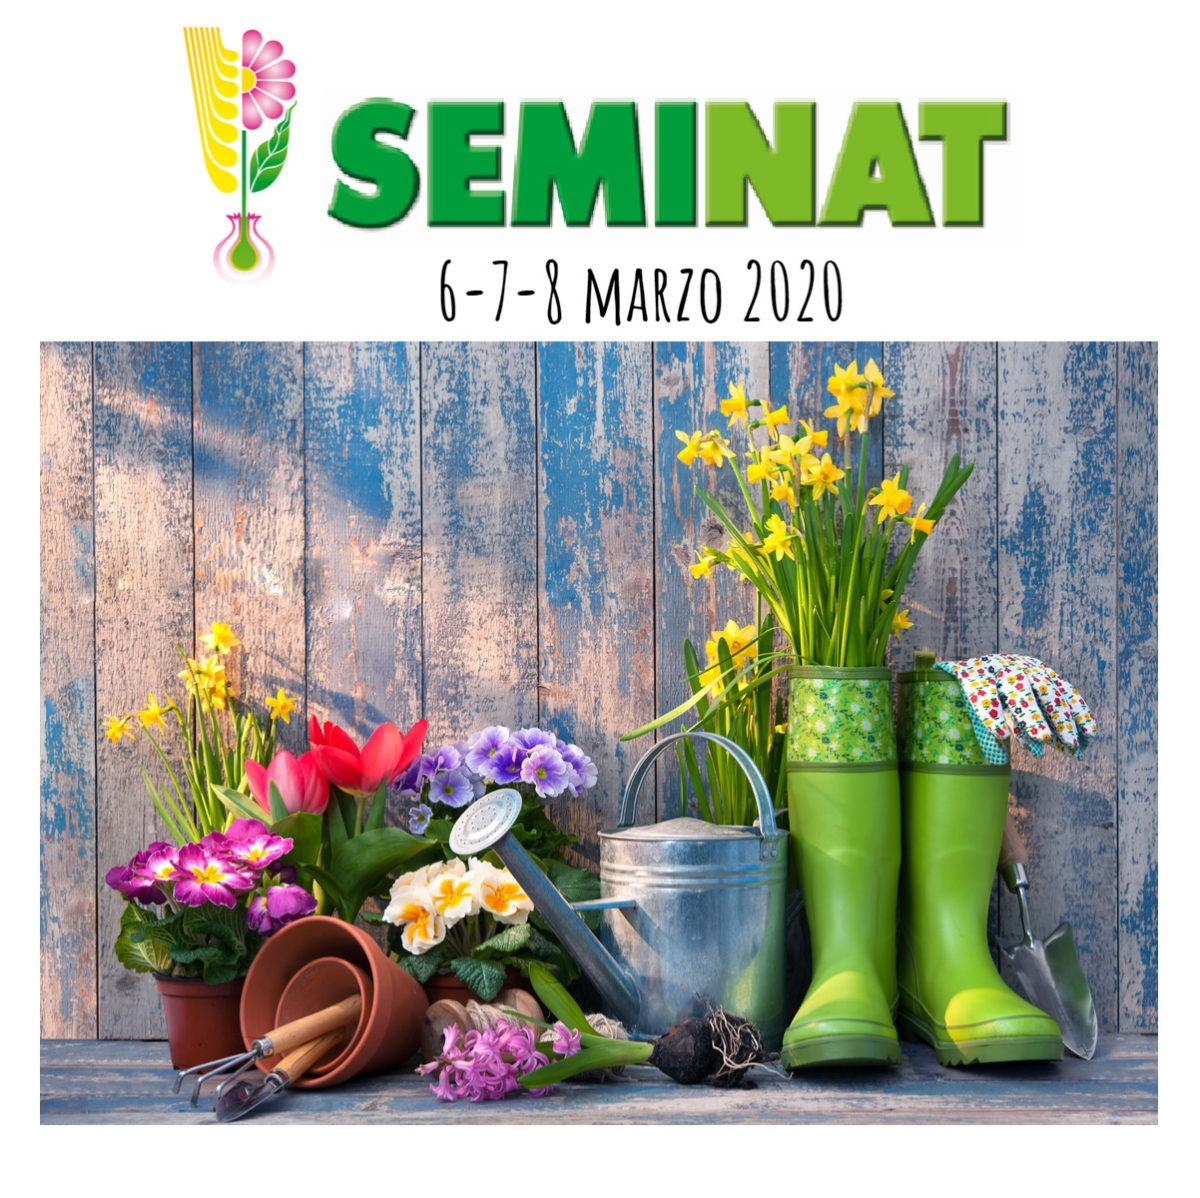 Seminat-2020